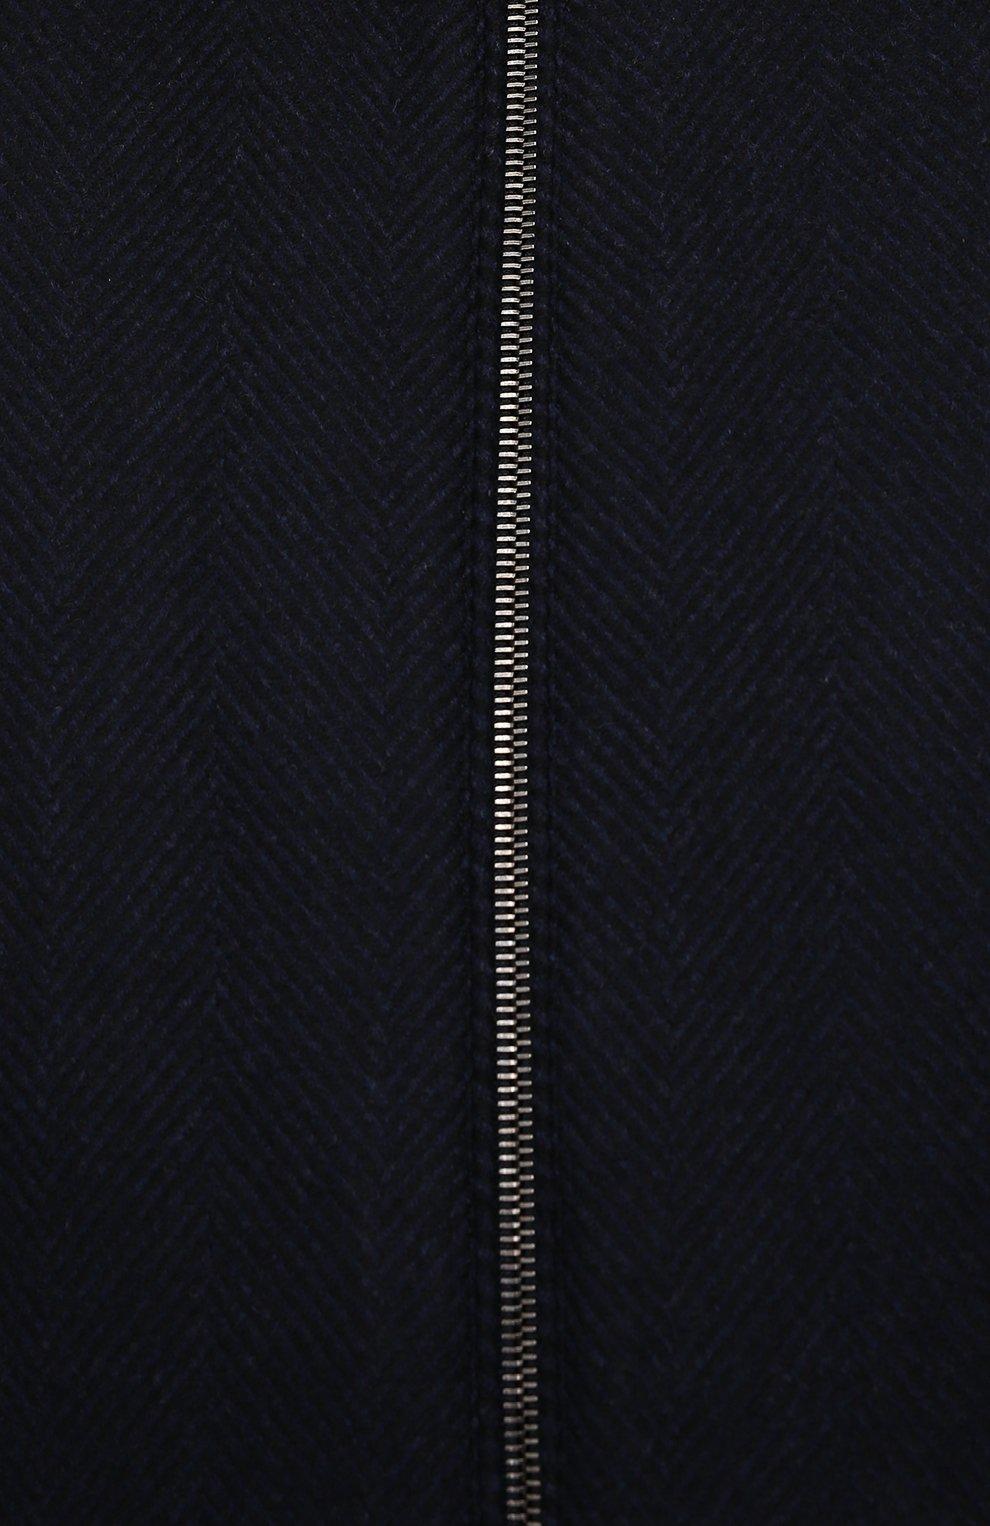 Мужской бомбер с меховой отделкой CANALI темно-синего цвета, арт. 040656P/SG02120   Фото 5 (Кросс-КТ: Куртка; Big sizes: Big Sizes; Мужское Кросс-КТ: шерсть и кашемир; Материал внешний: Шерсть; Рукава: Длинные; Принт: Без принта; Стили: Классический; Материал подклада: Синтетический материал; Длина (верхняя одежда): Короткие)